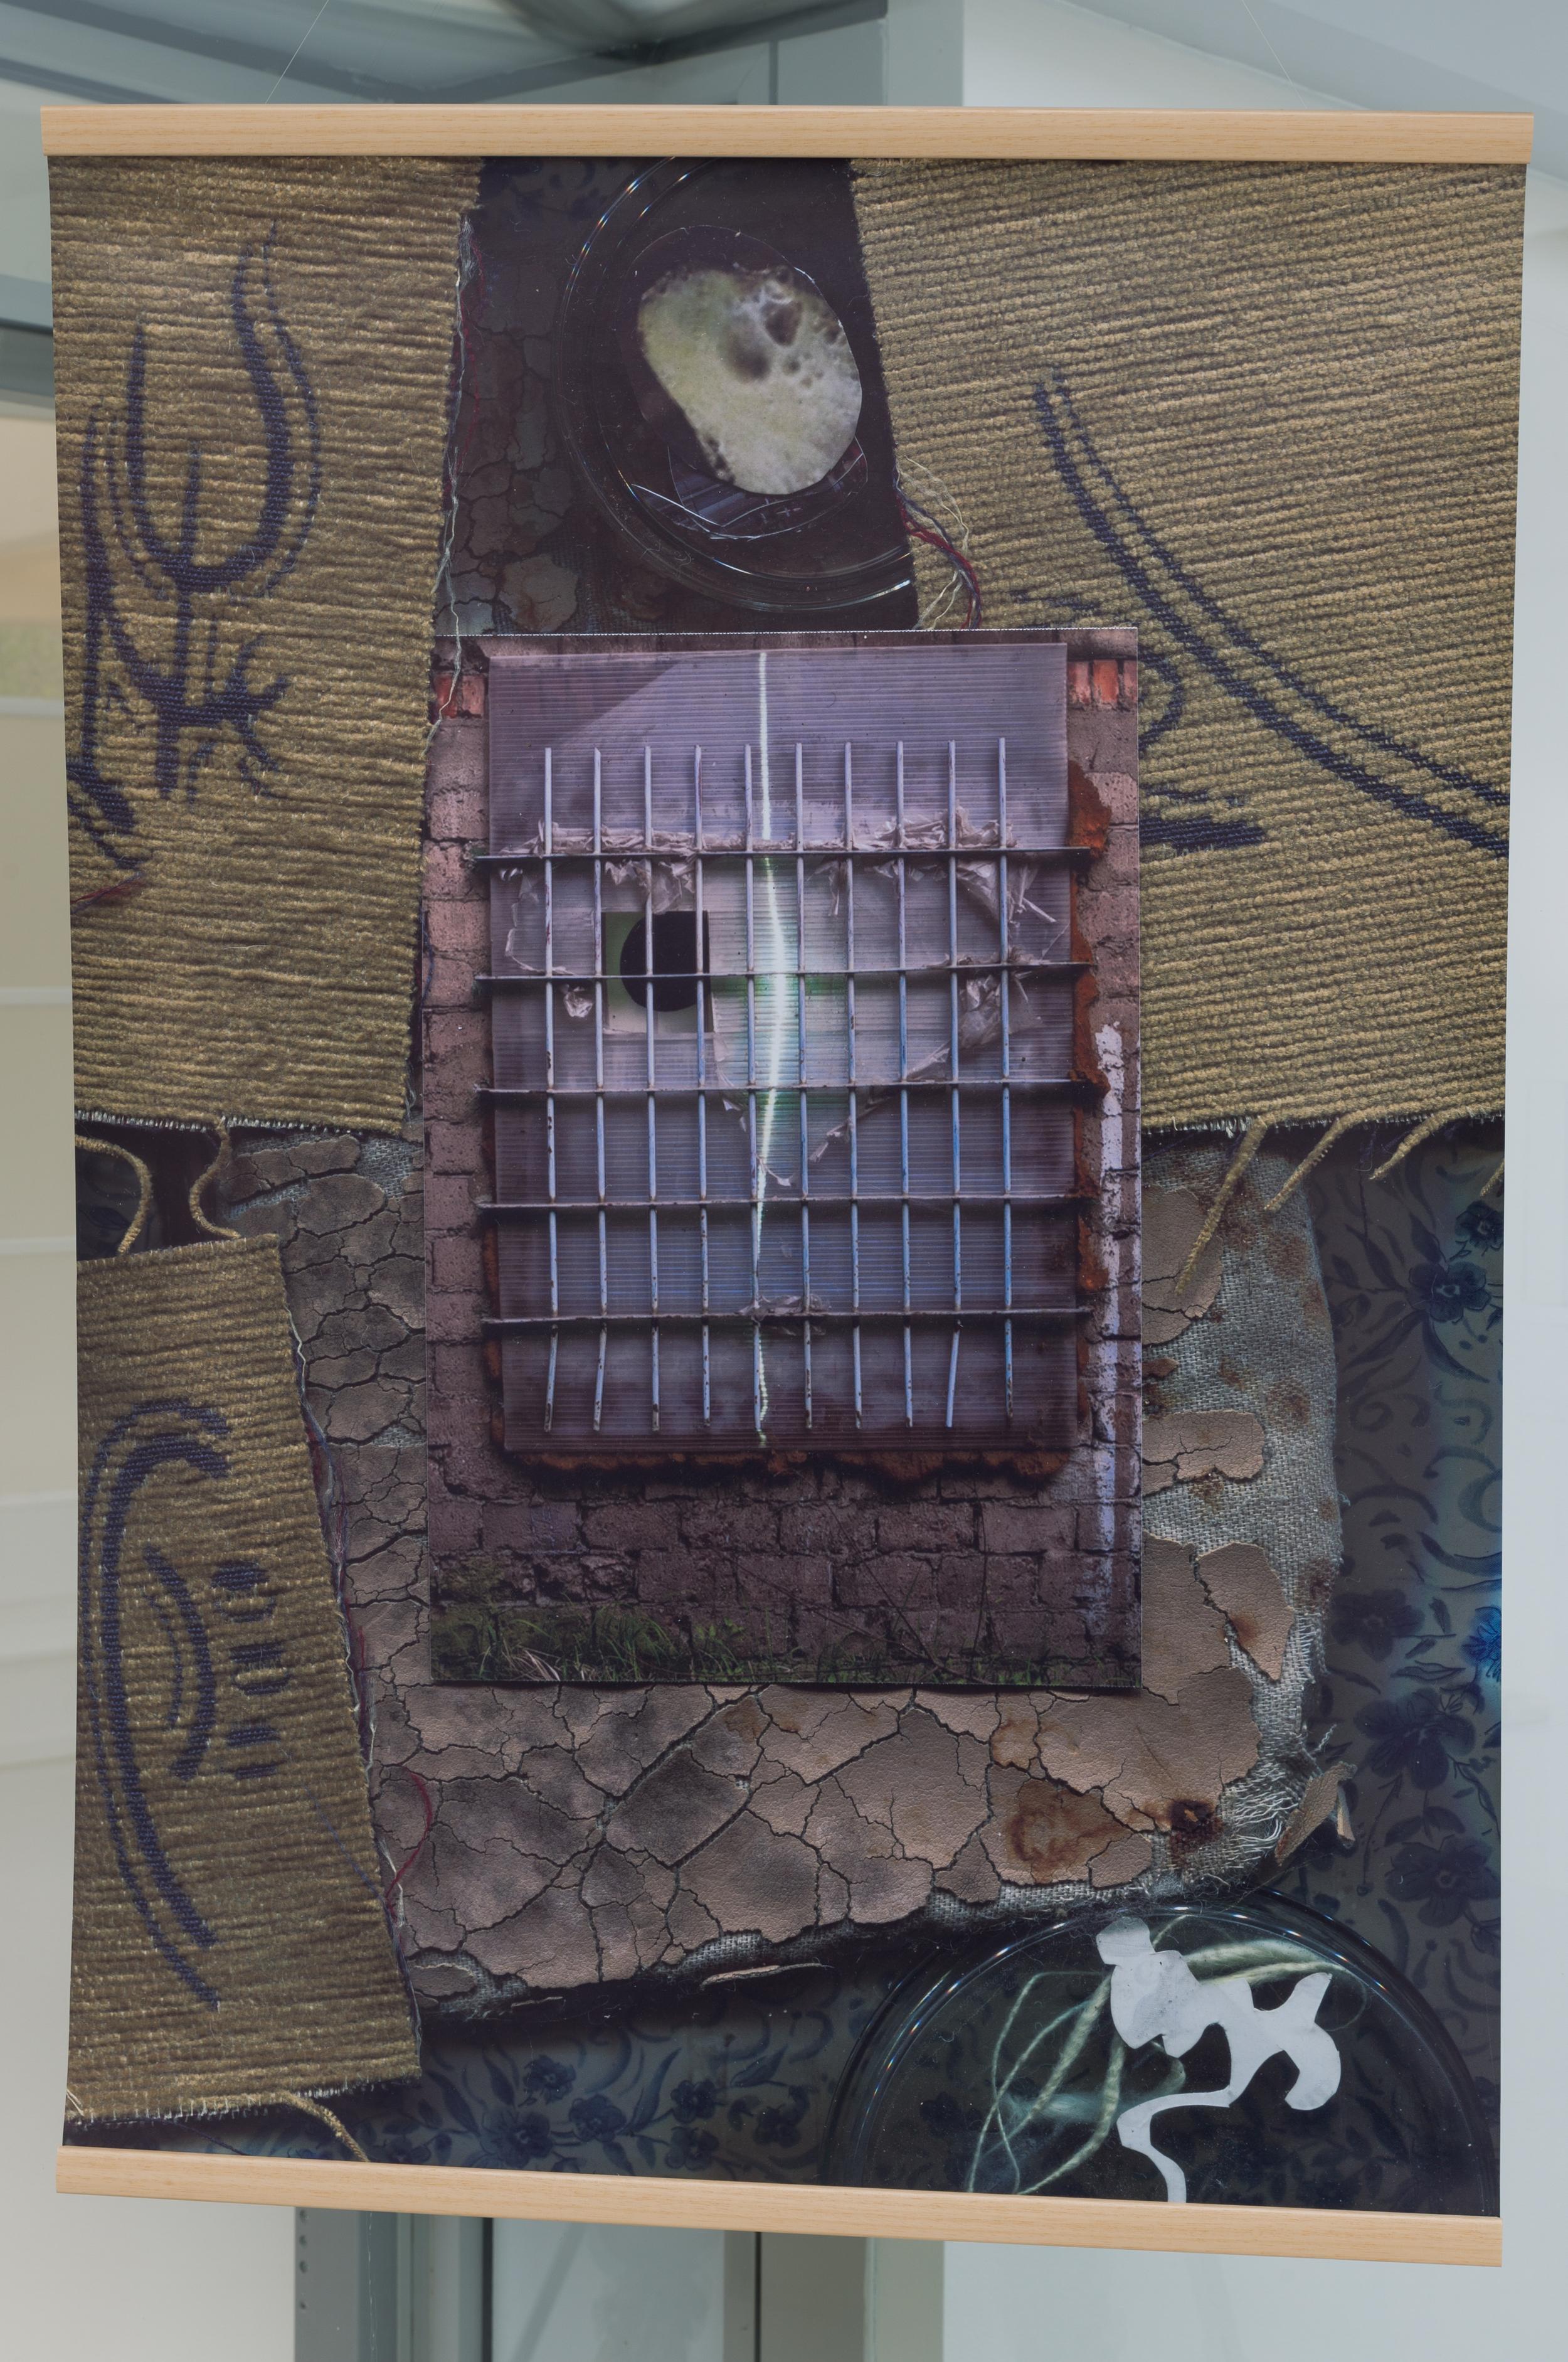 """Mateusz Kula, series """"Accidental still lives"""", 2014, tisk fotografické koláže, 100 x 70 cm"""